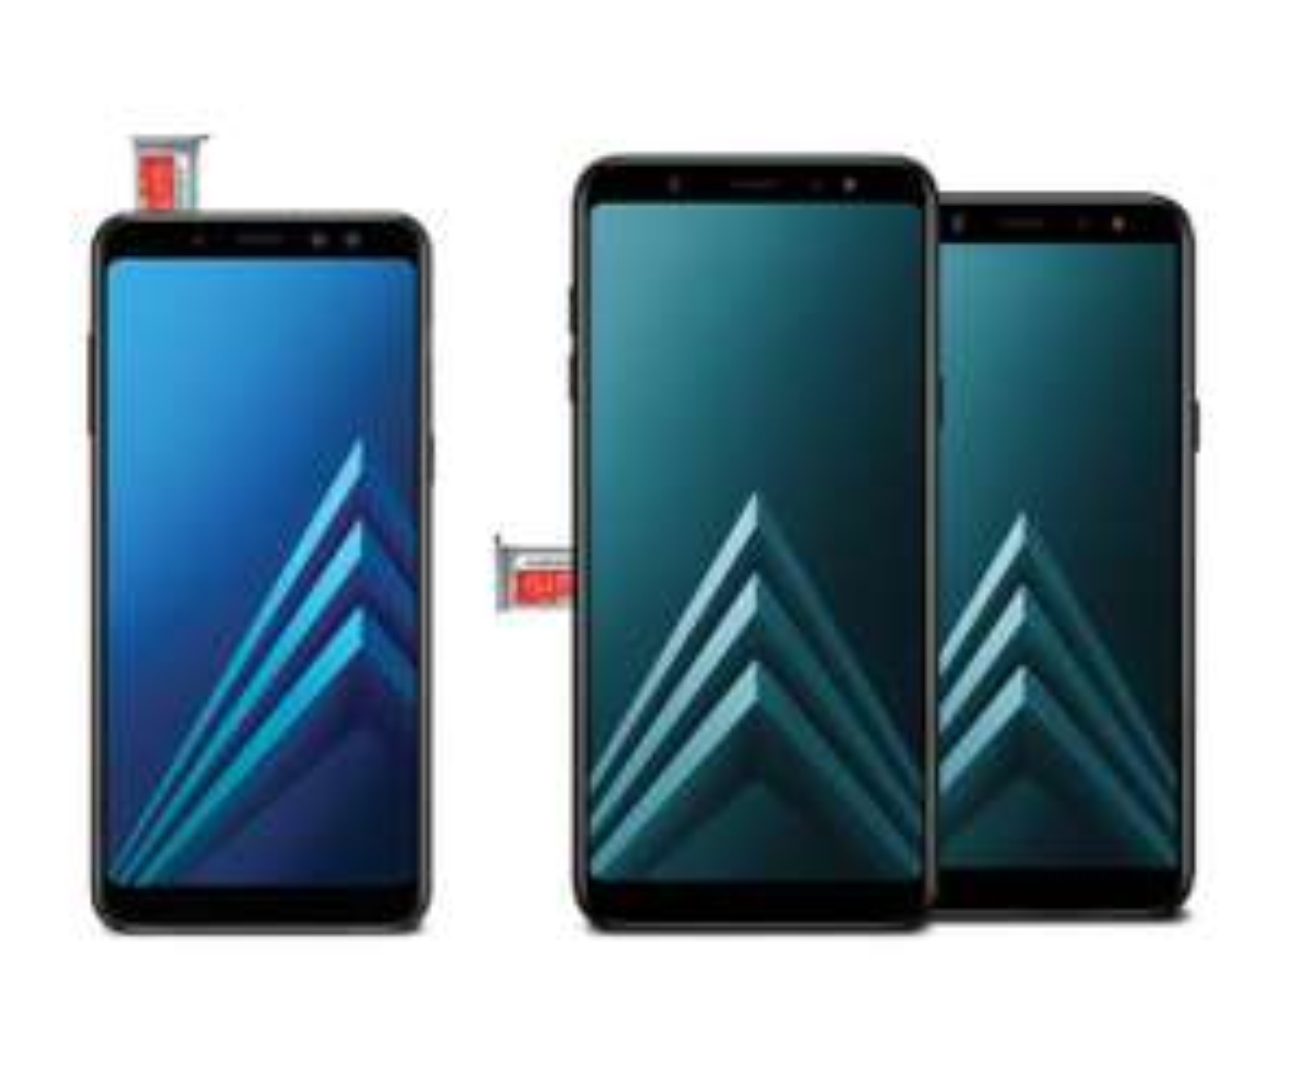 Gratis 64Gb sd kaart bij aanschaf Galaxy A8, A6+ of A6